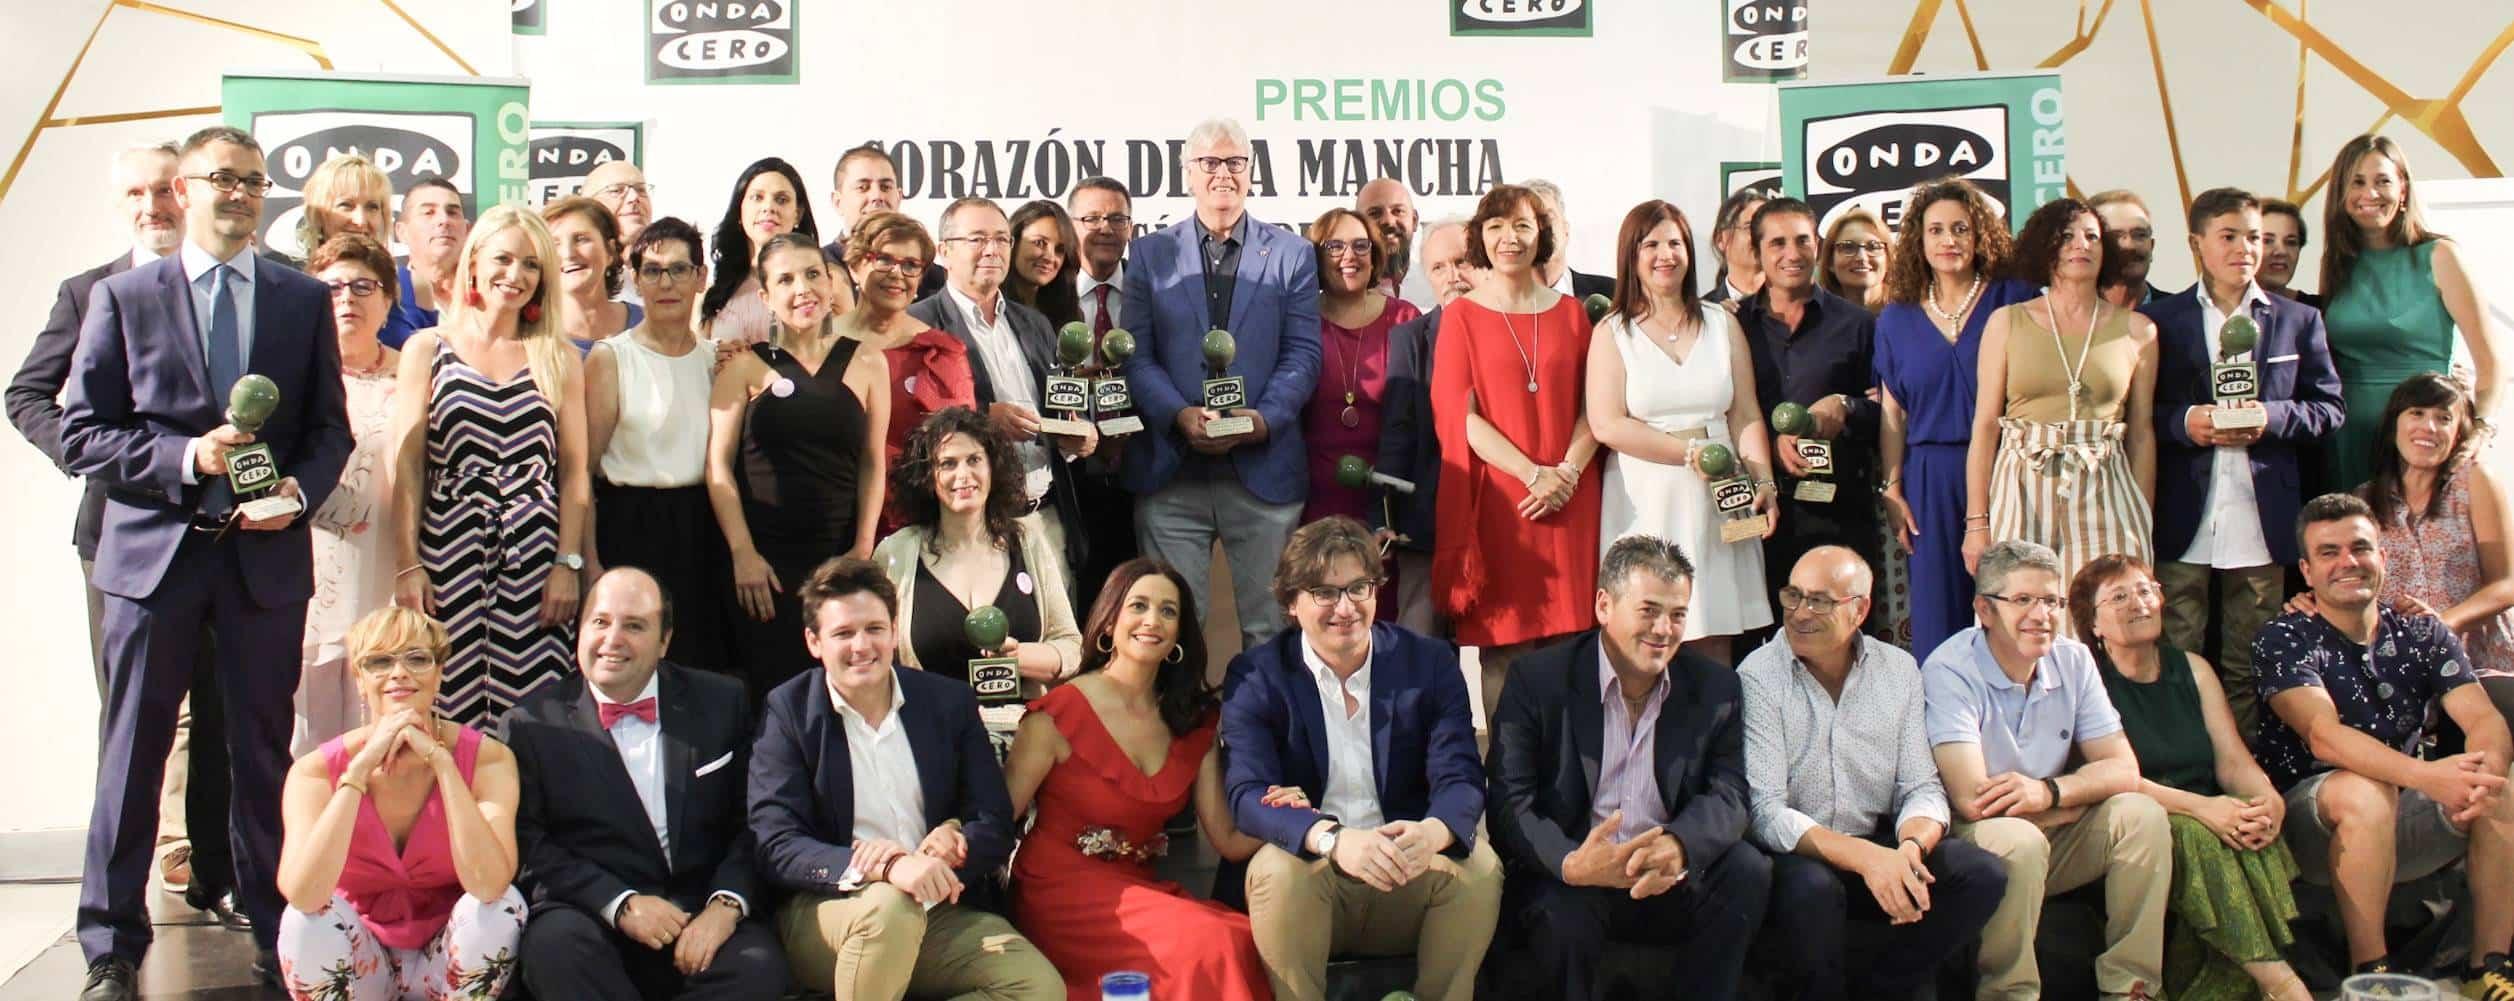 """El Consejo Local Agrario de Herencia recibe una meción especial en la XXVI edición de los Premios """"Corazón de La Mancha"""" 3"""